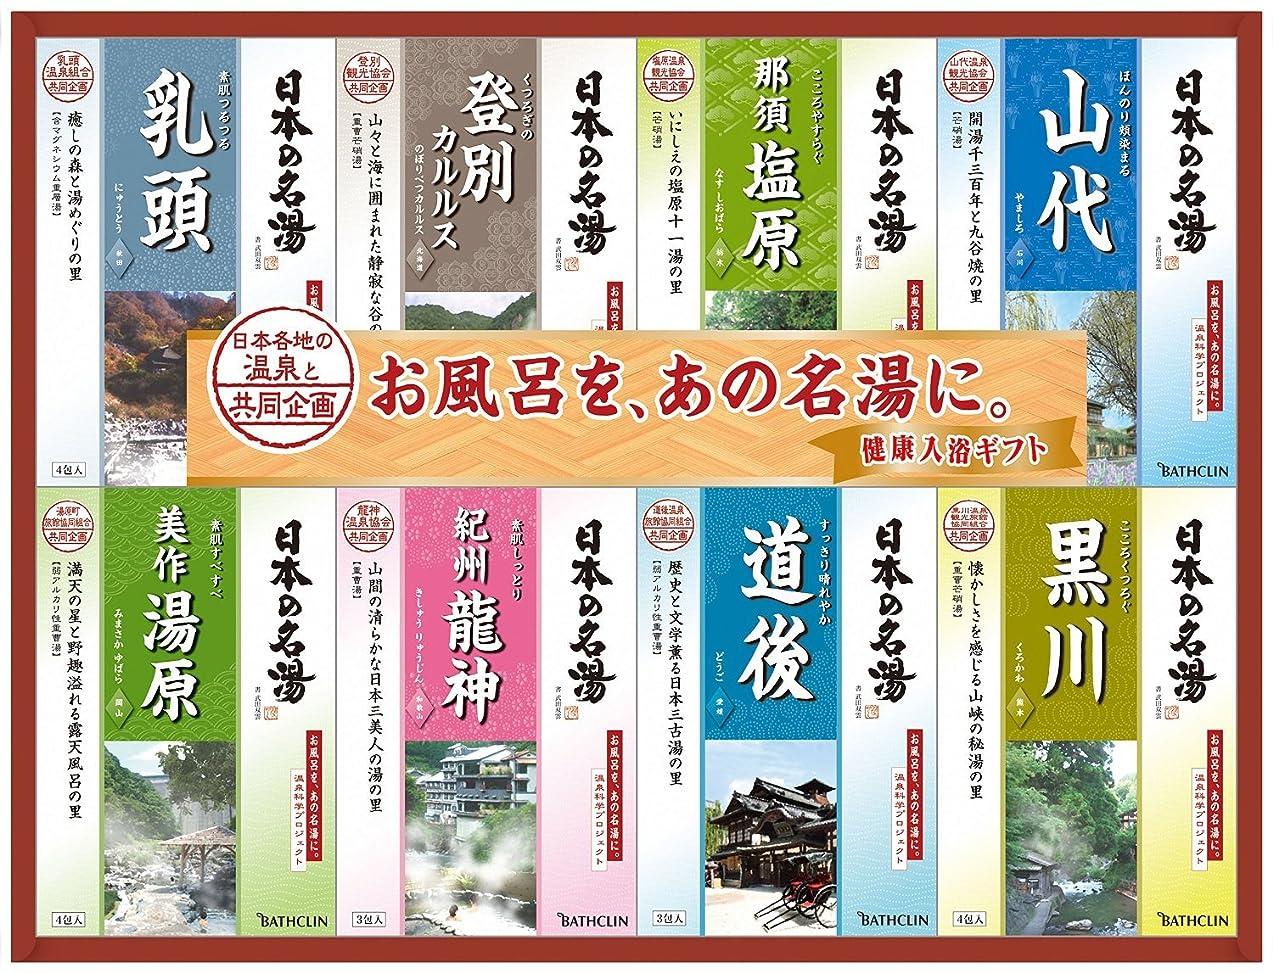 不機嫌アジテーションランチョンnobrand 日本の名湯ギフト 入浴剤 (NMG-30F)